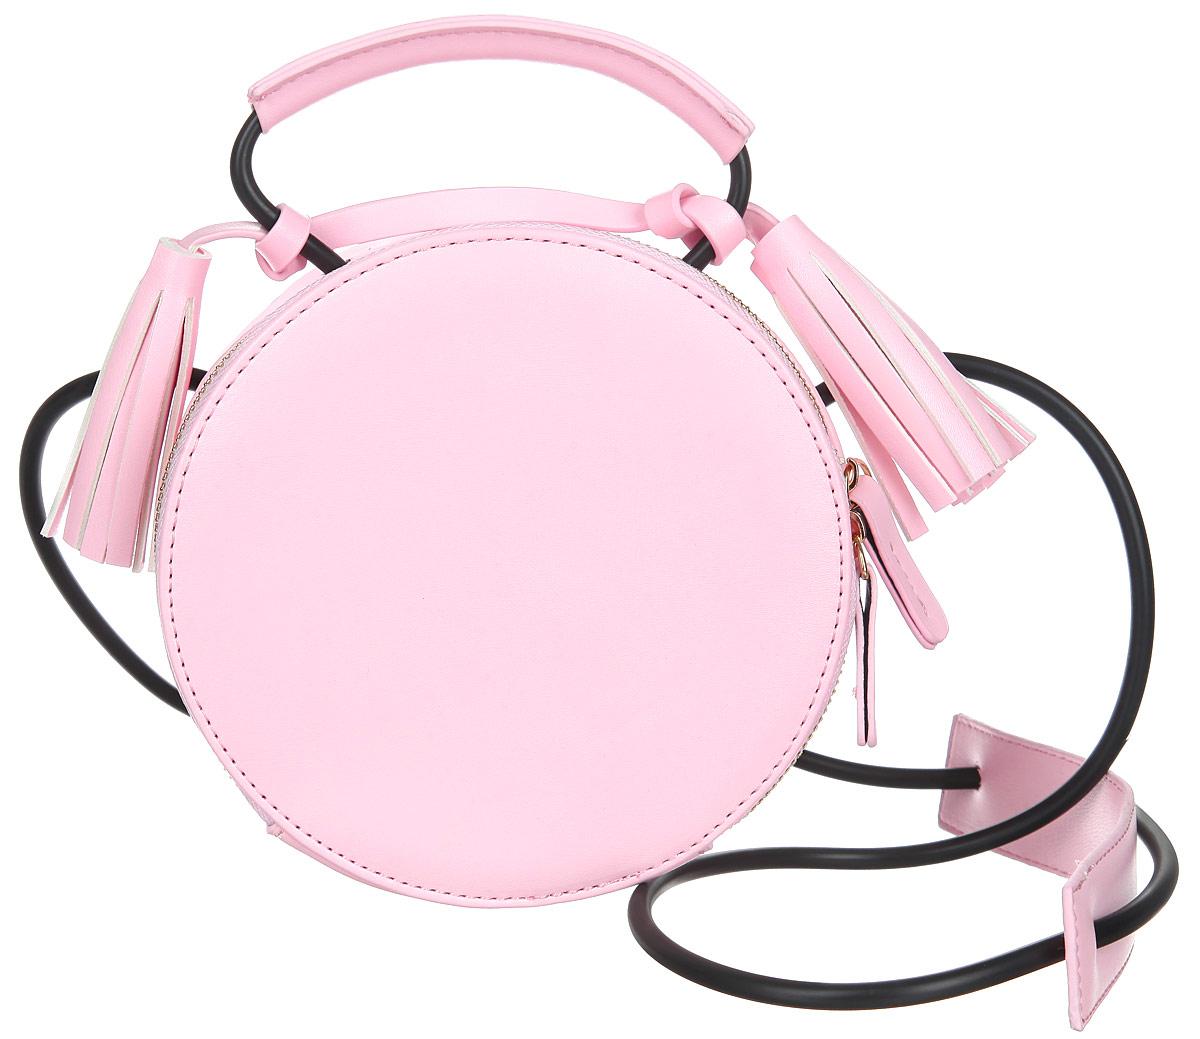 Сумка женская Orsa Oro, цвет: розовый. D-210/20BM8434-58AEИзысканная женская сумка Orsa Oro выполнена из экокожи. Сумка закрывается на замок-молнию. Внутри одно большое отделение, которое содержит один накладной карман для телефона и мелких принадлежностей. Модель имеет жесткий каркас и форму окружности. Сумка оснащена ручкой, выполненной из резинового шнурка из экокожи, декорированной кистями. Сумка оснащена резиновым плечевым шнурком с вставкой из экокожи для плеча .Практичная и стильная сумка прекрасно завершит ваш образ.